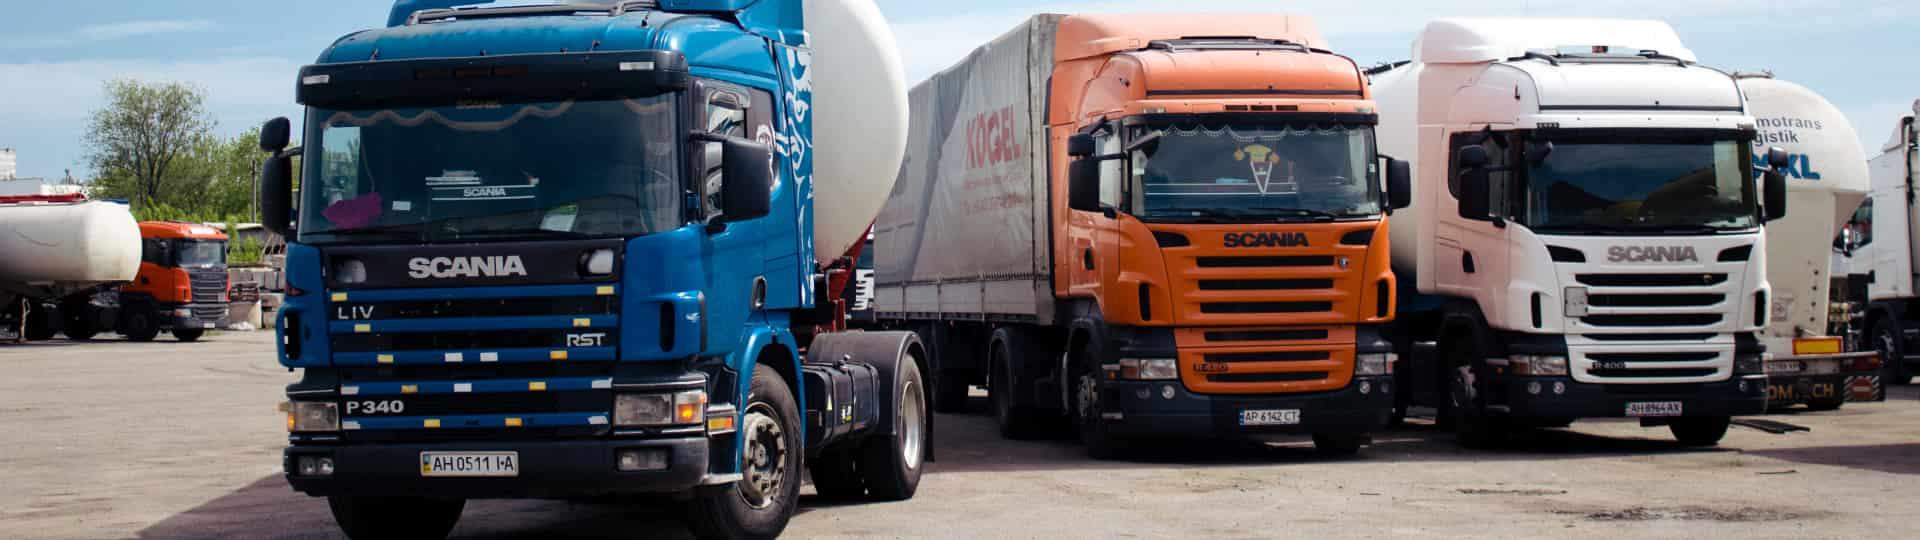 Моніторинг і контроль параметрів транспортних засобів